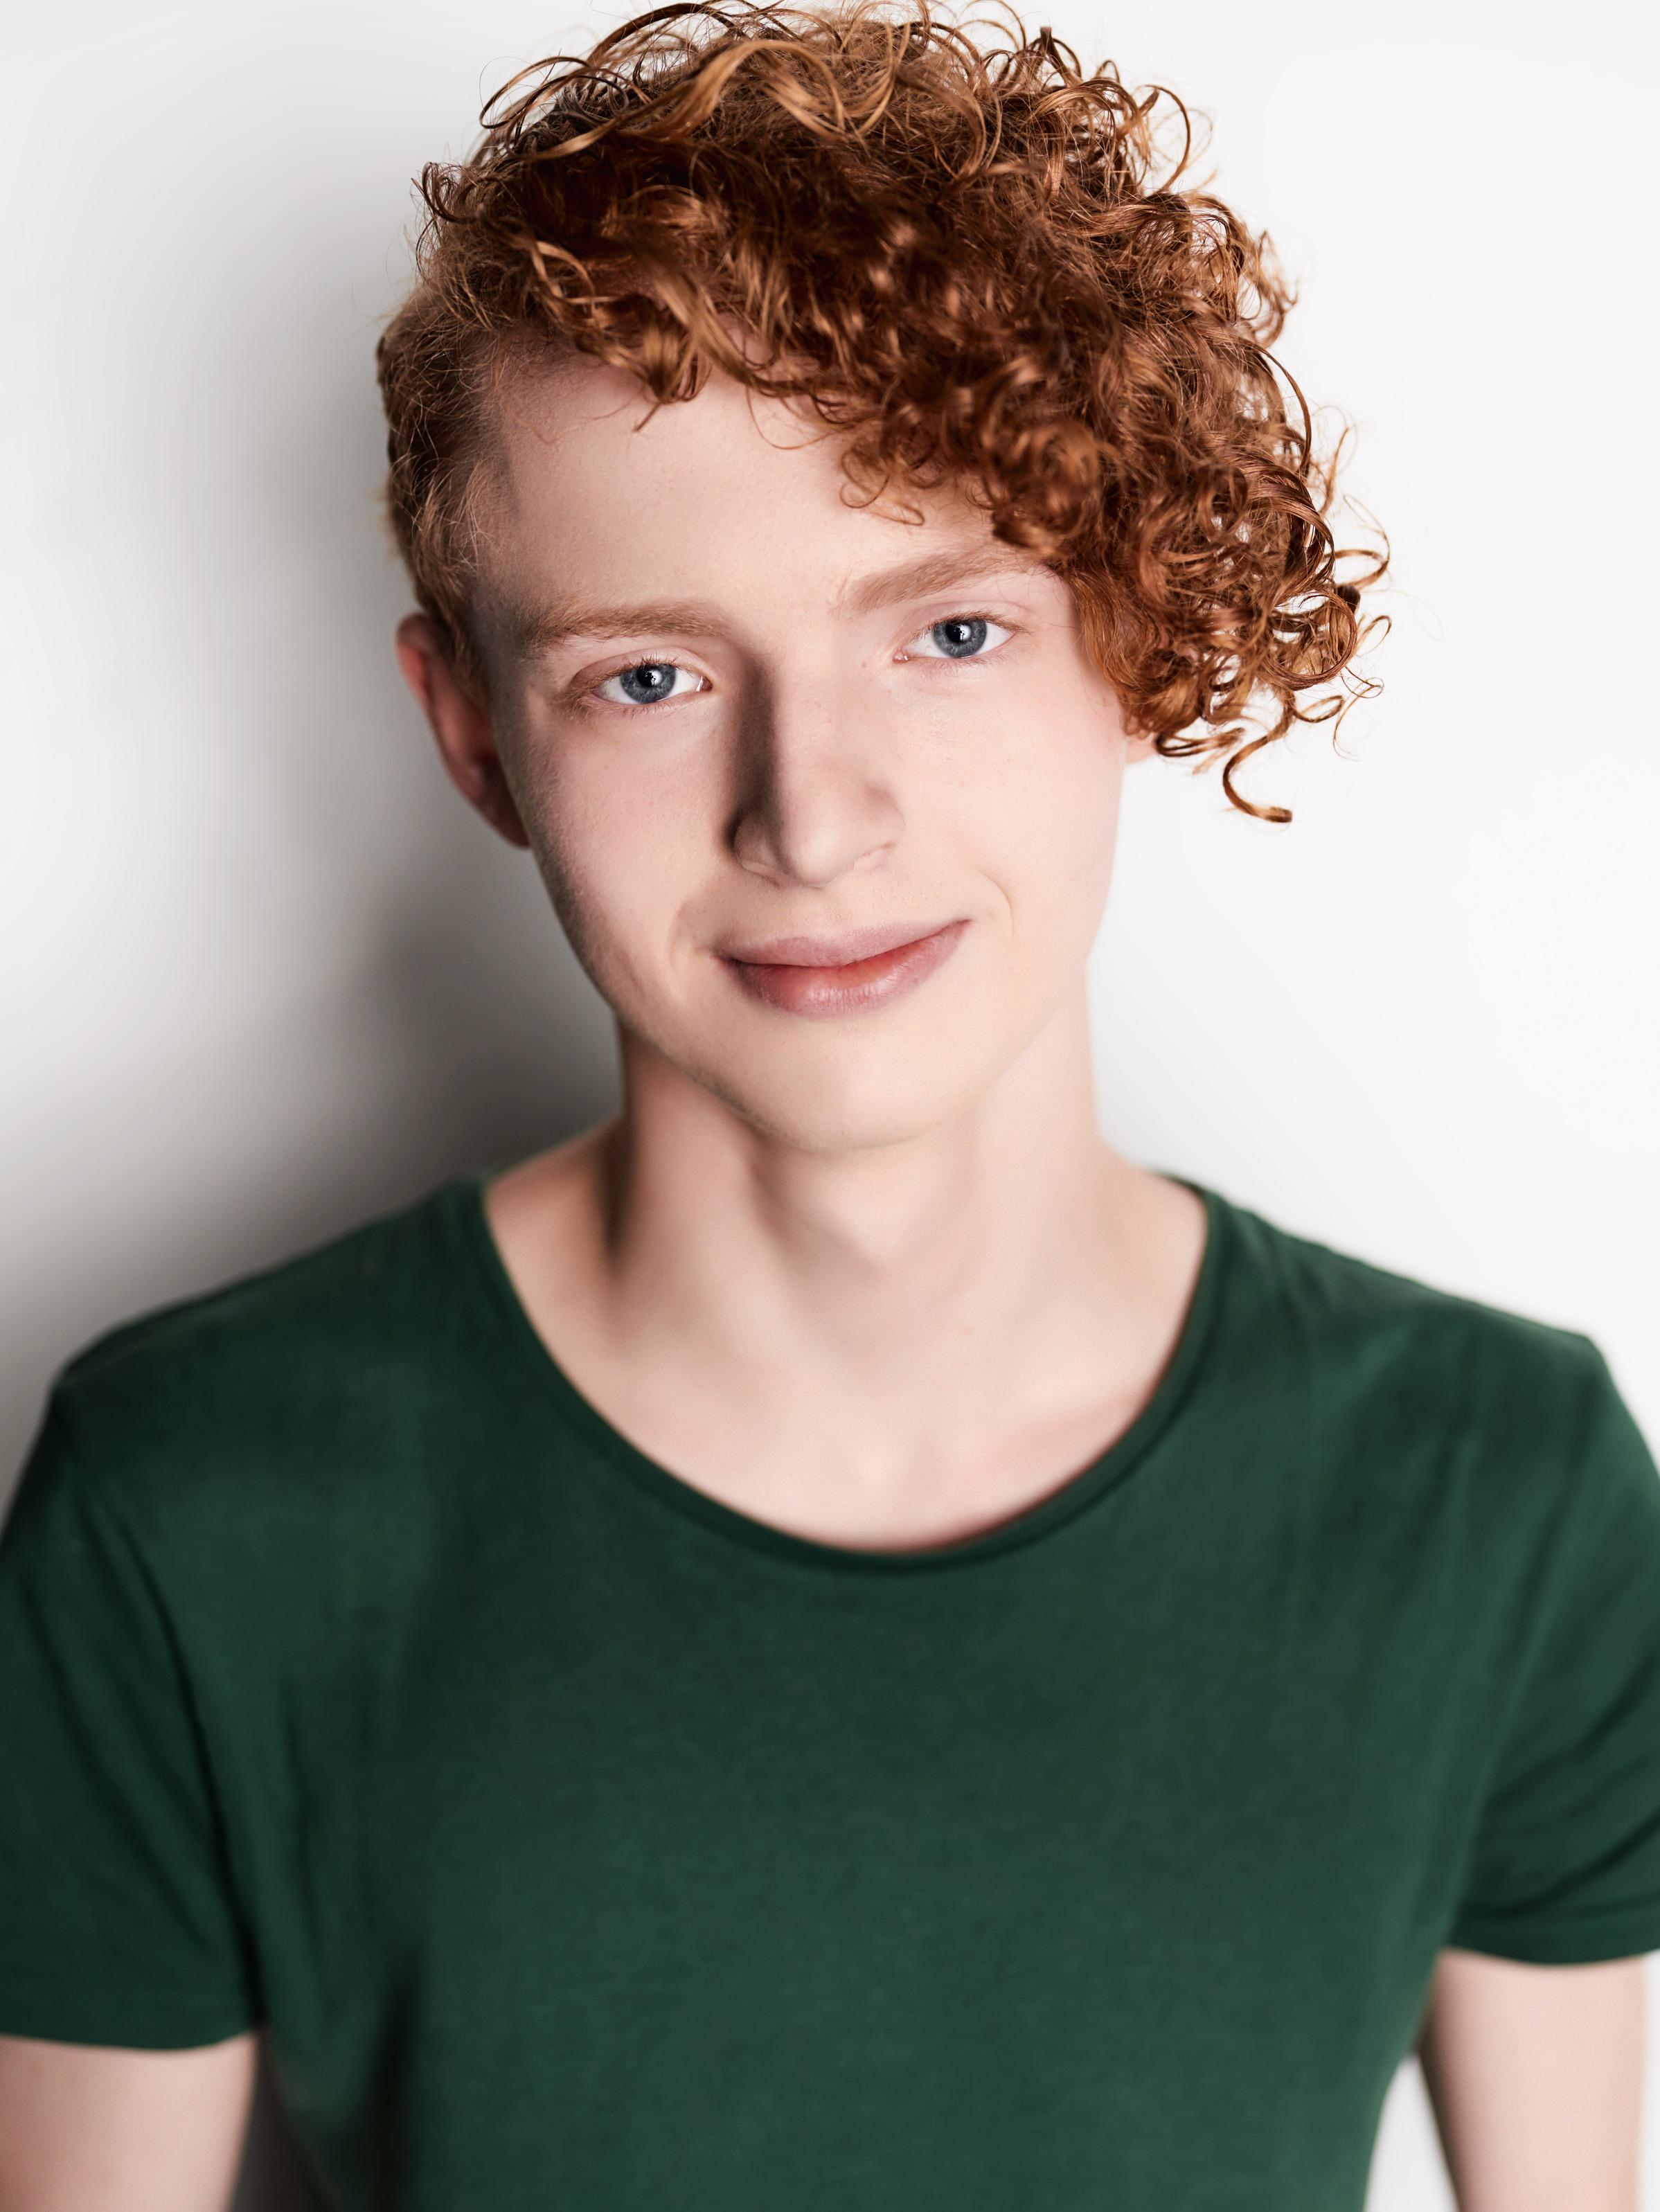 Felix Tyson - Age 15